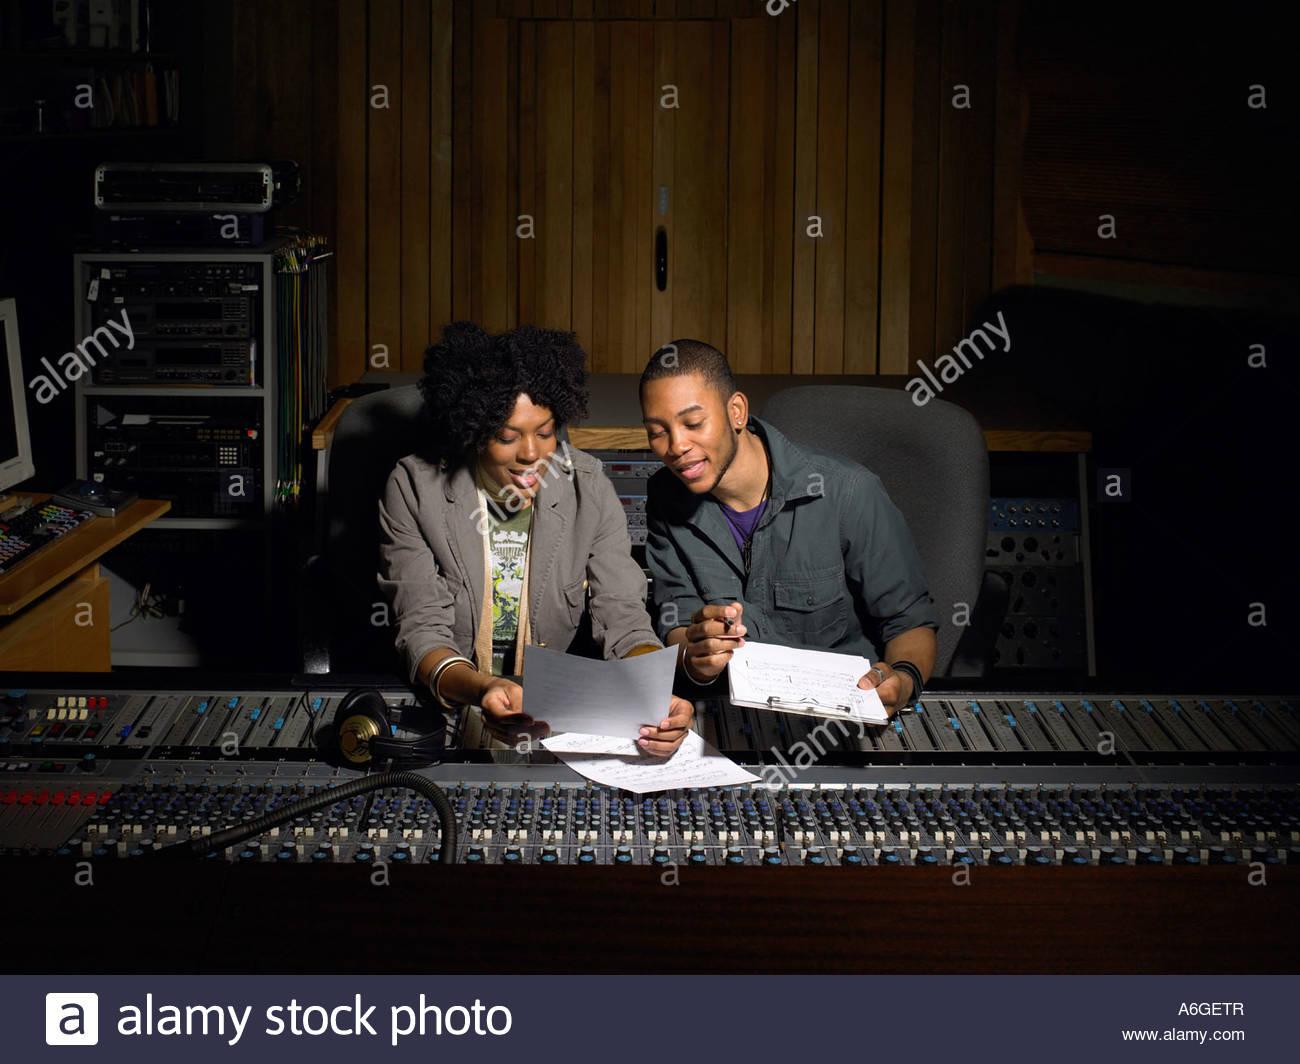 Deux producteurs de musique travaillant Photo Stock